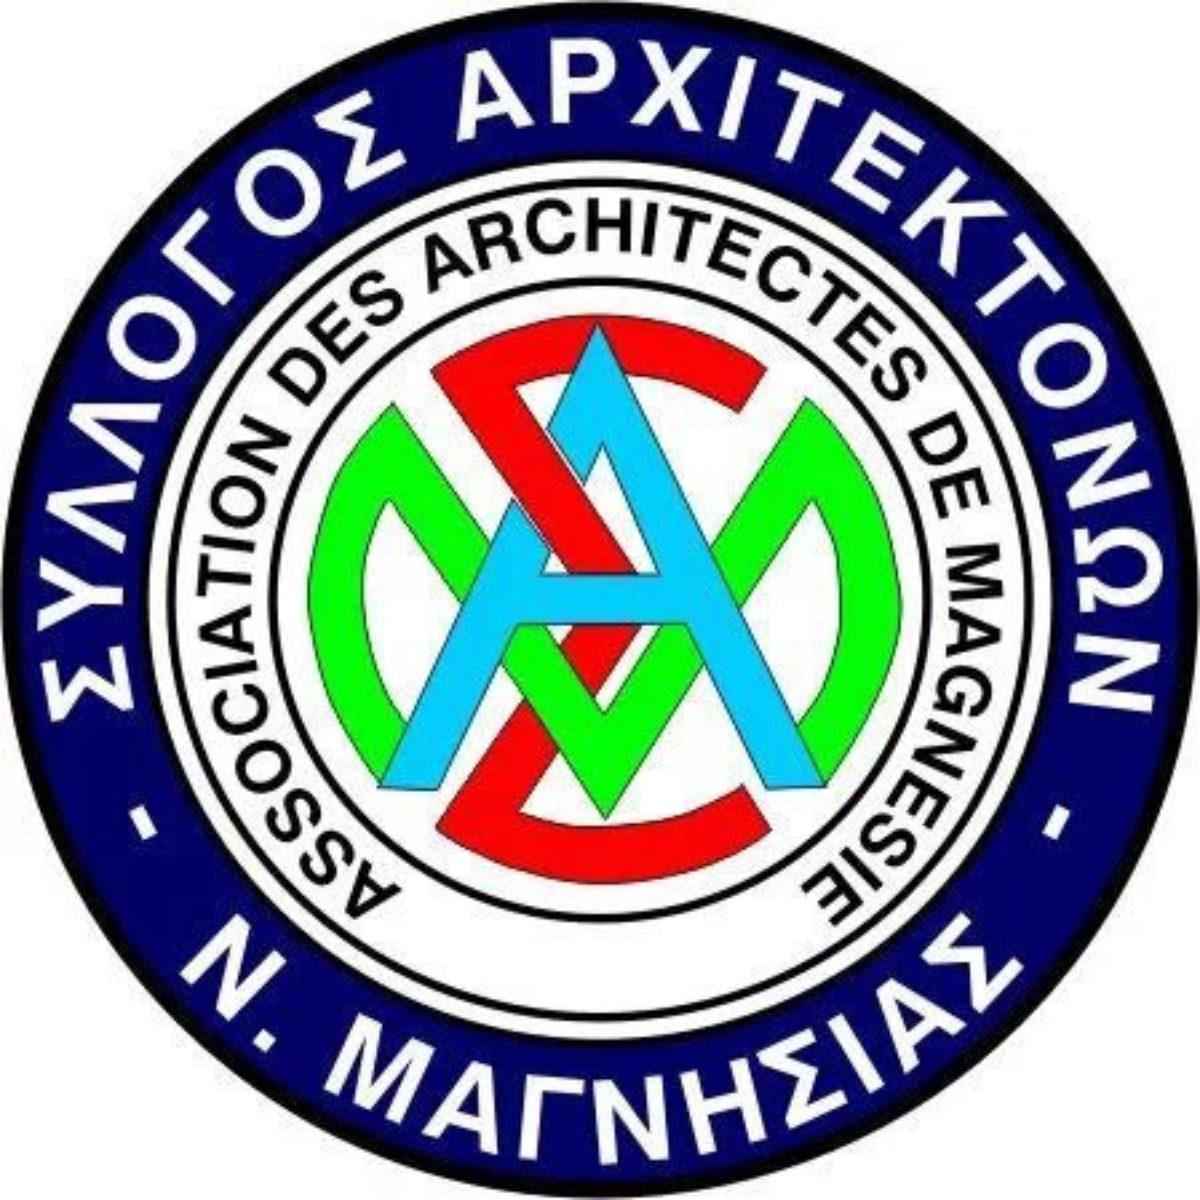 Θέσεις του Συλλόγου Αρχιτεκτόνων Μαγνησίαςγια τις διατηρητέες σιδηροδρομικές γραμμές του τρένου του Πηλίου